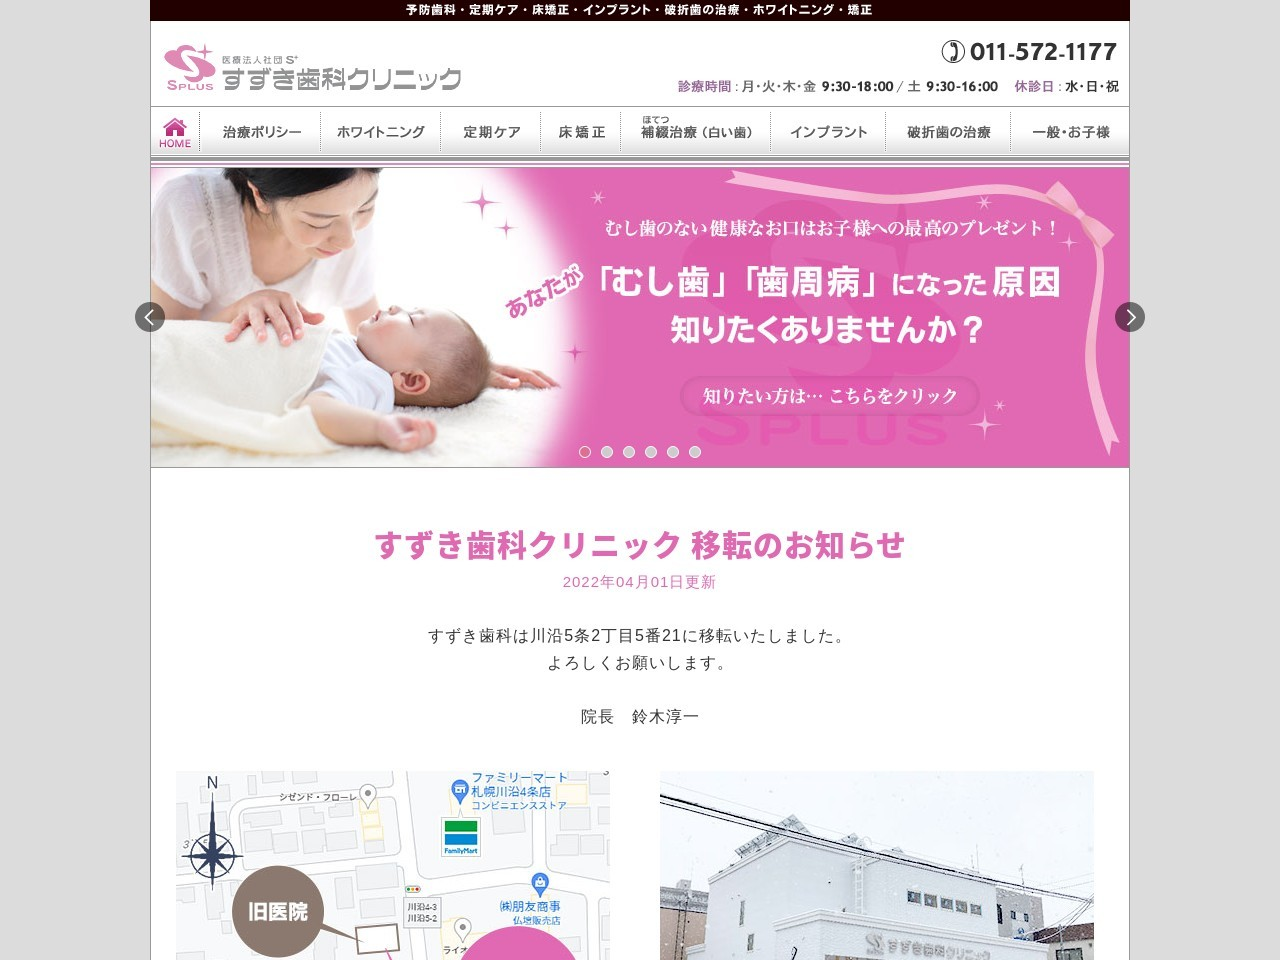 医療法人社団S+  すずき歯科クリニック (北海道札幌市南区)